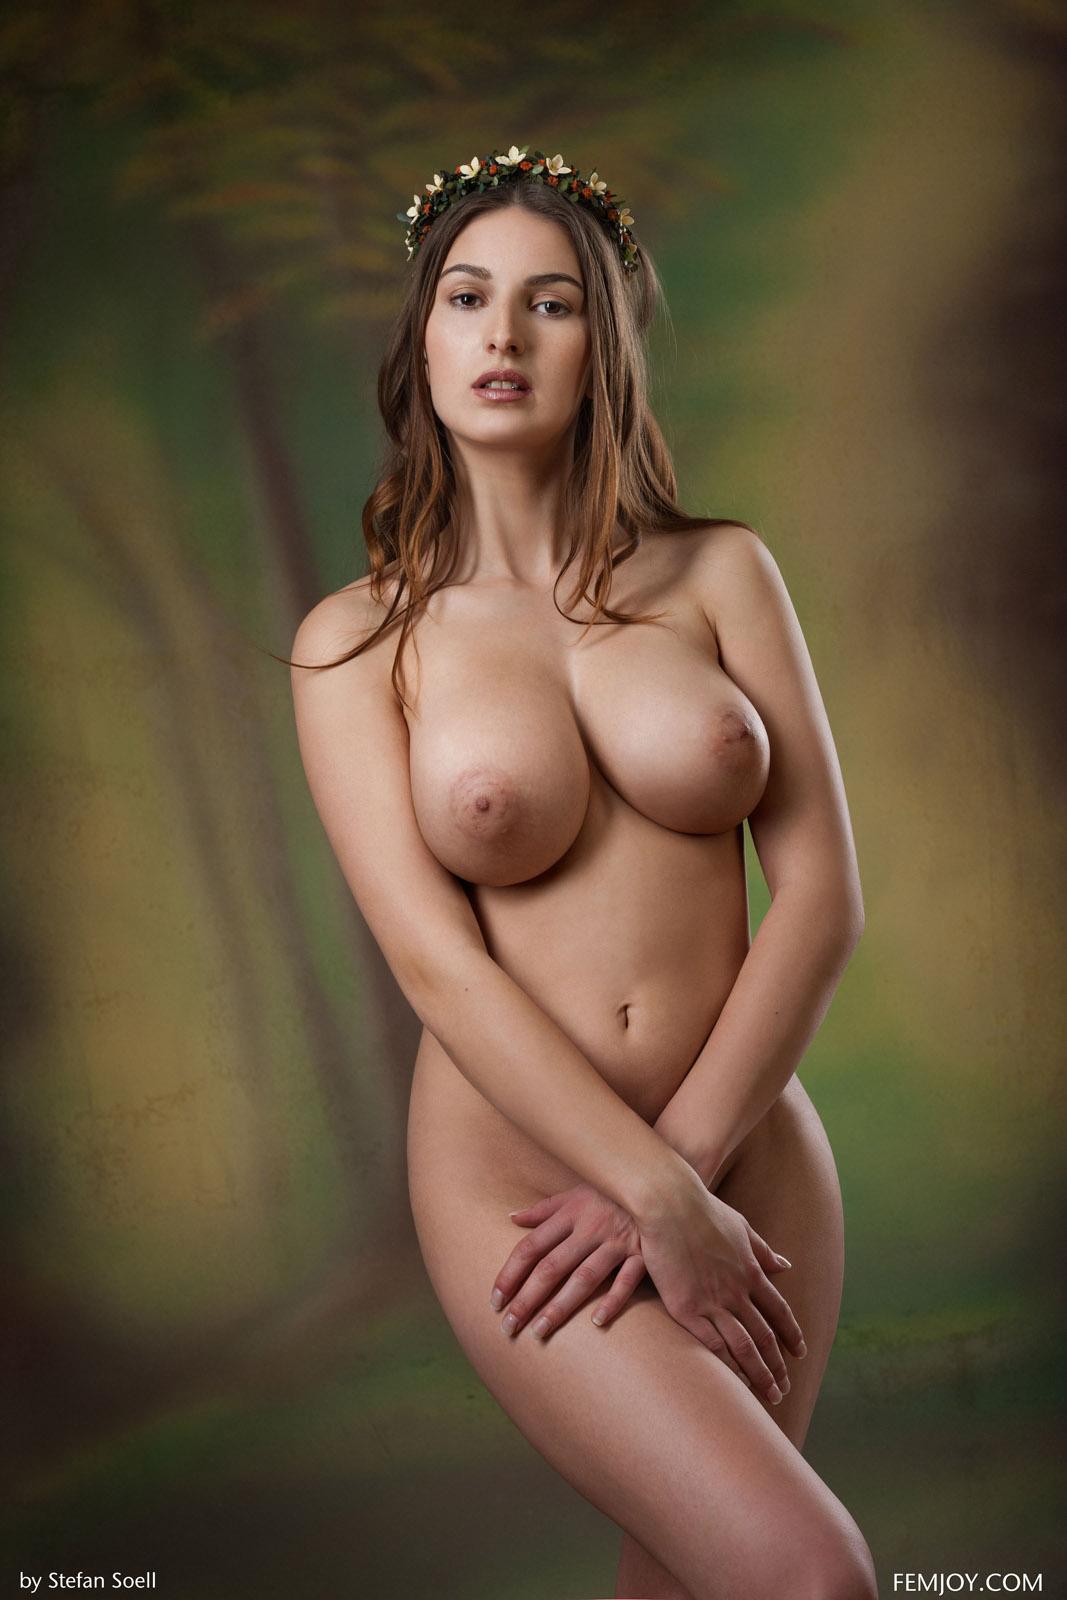 Kat denning nude photos